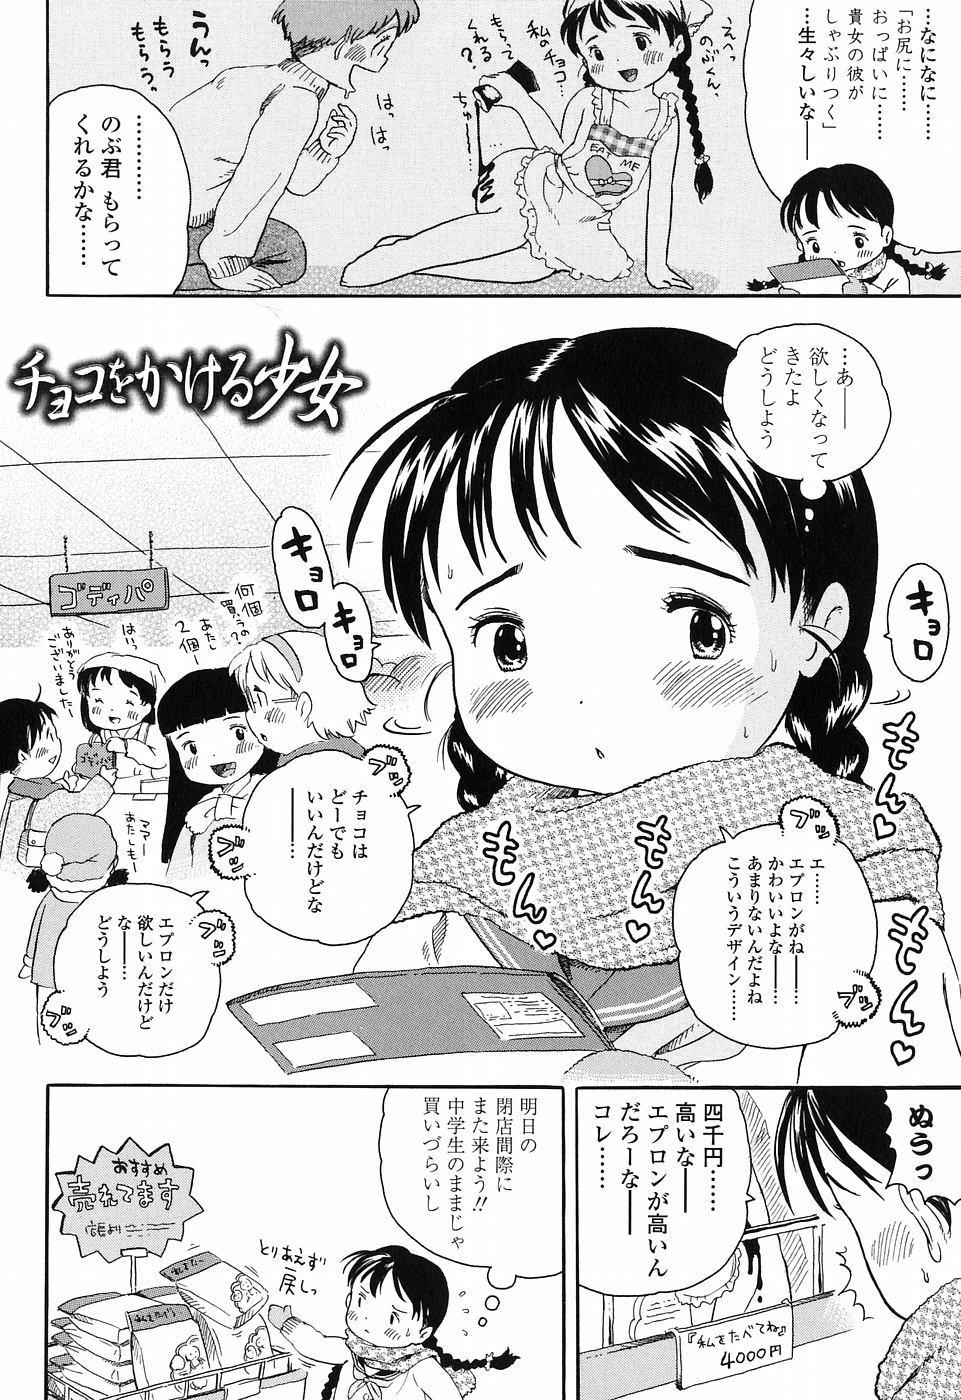 Koisuru Fukurami 107